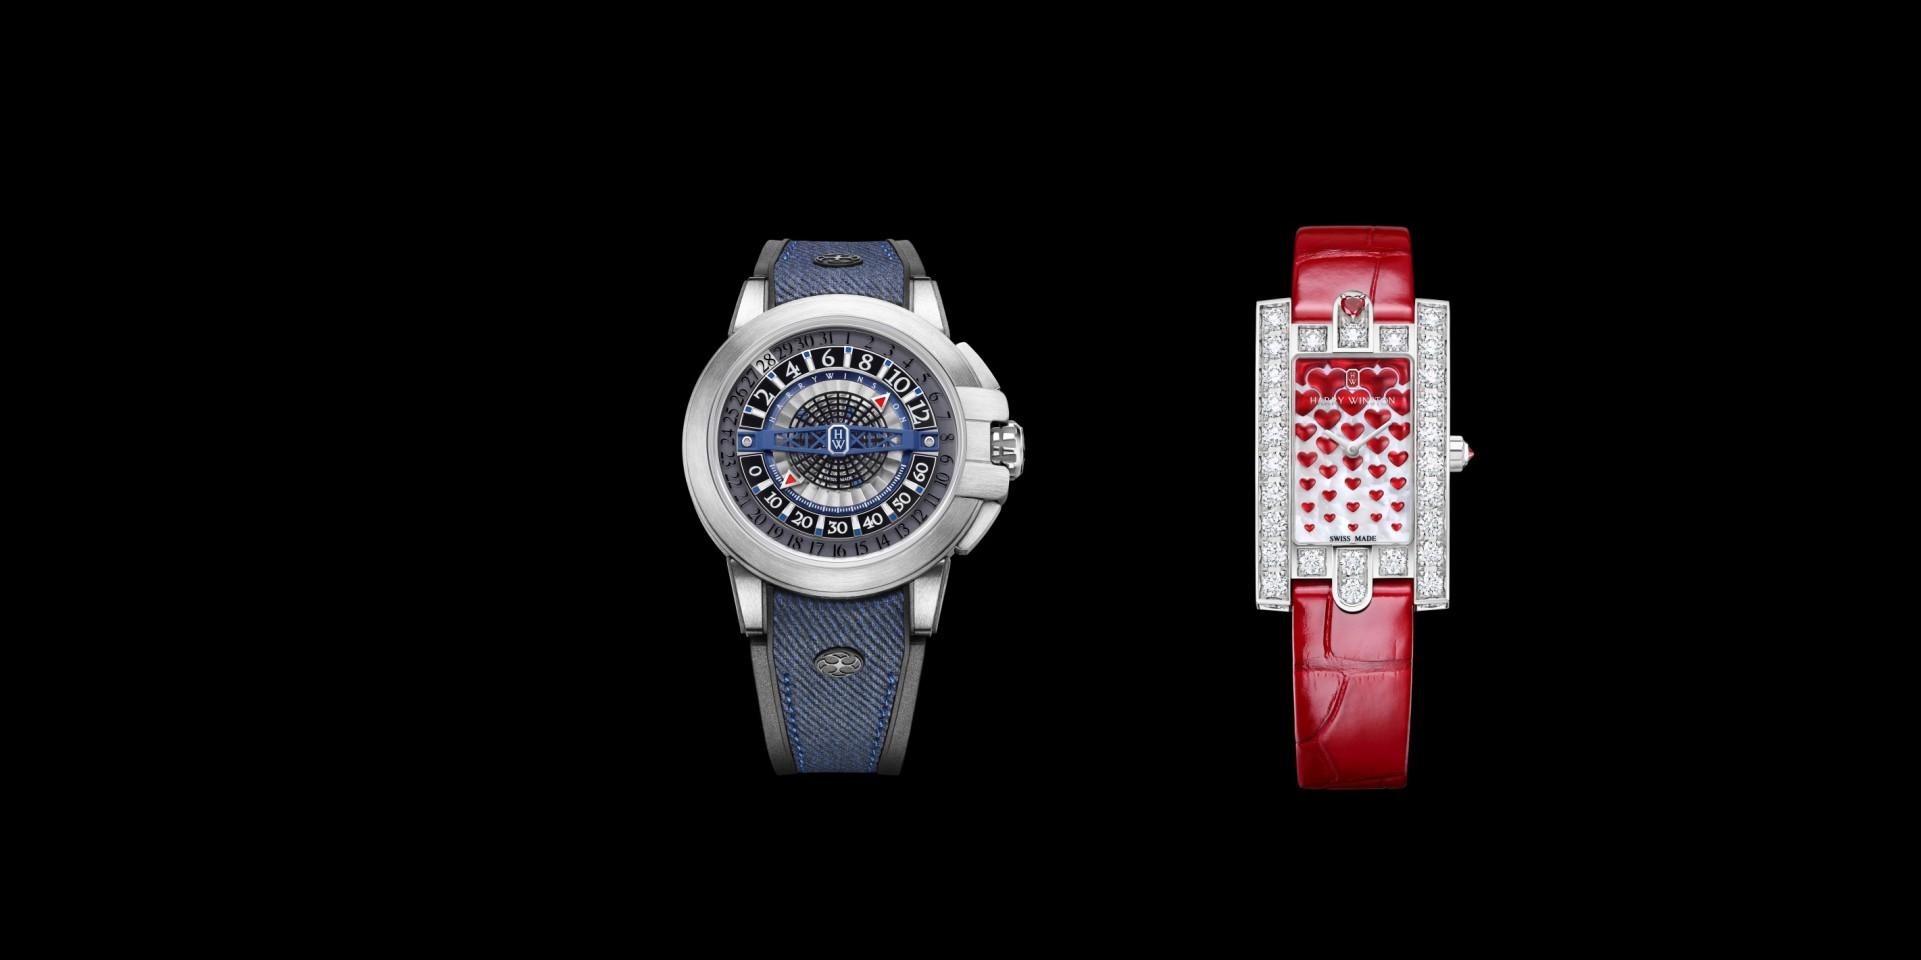 心動時刻,海瑞溫斯頓「錶」情意: Project Z12 及Avenue Classic 系列 Sweet Valentine腕錶